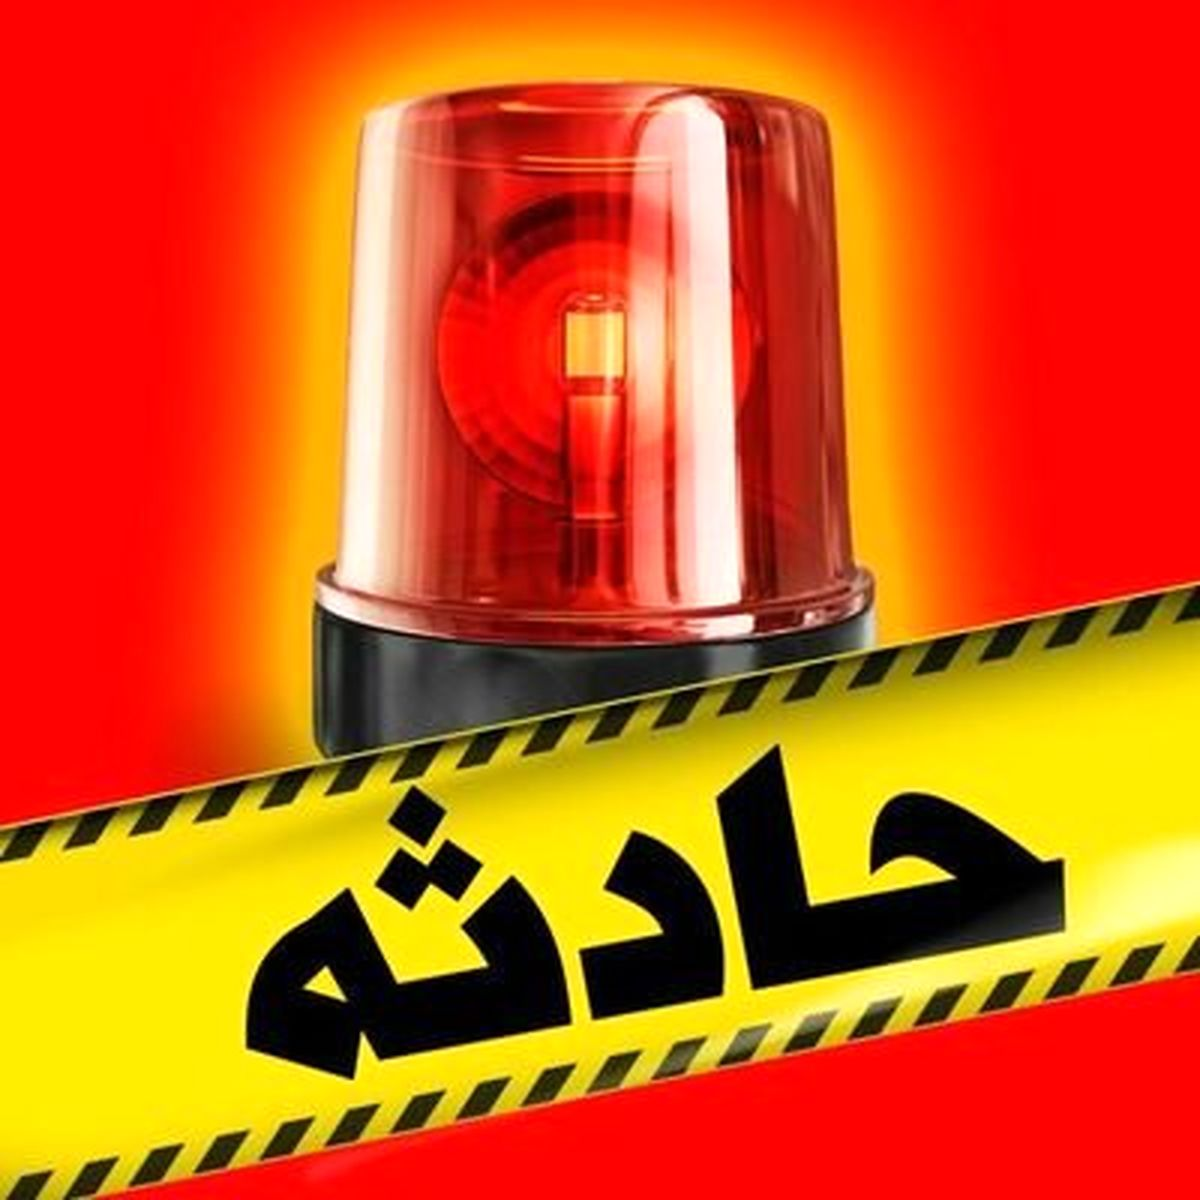 آسیبدیدگی شدید چهار تن در پی انفجار کپسول CNG خودرو